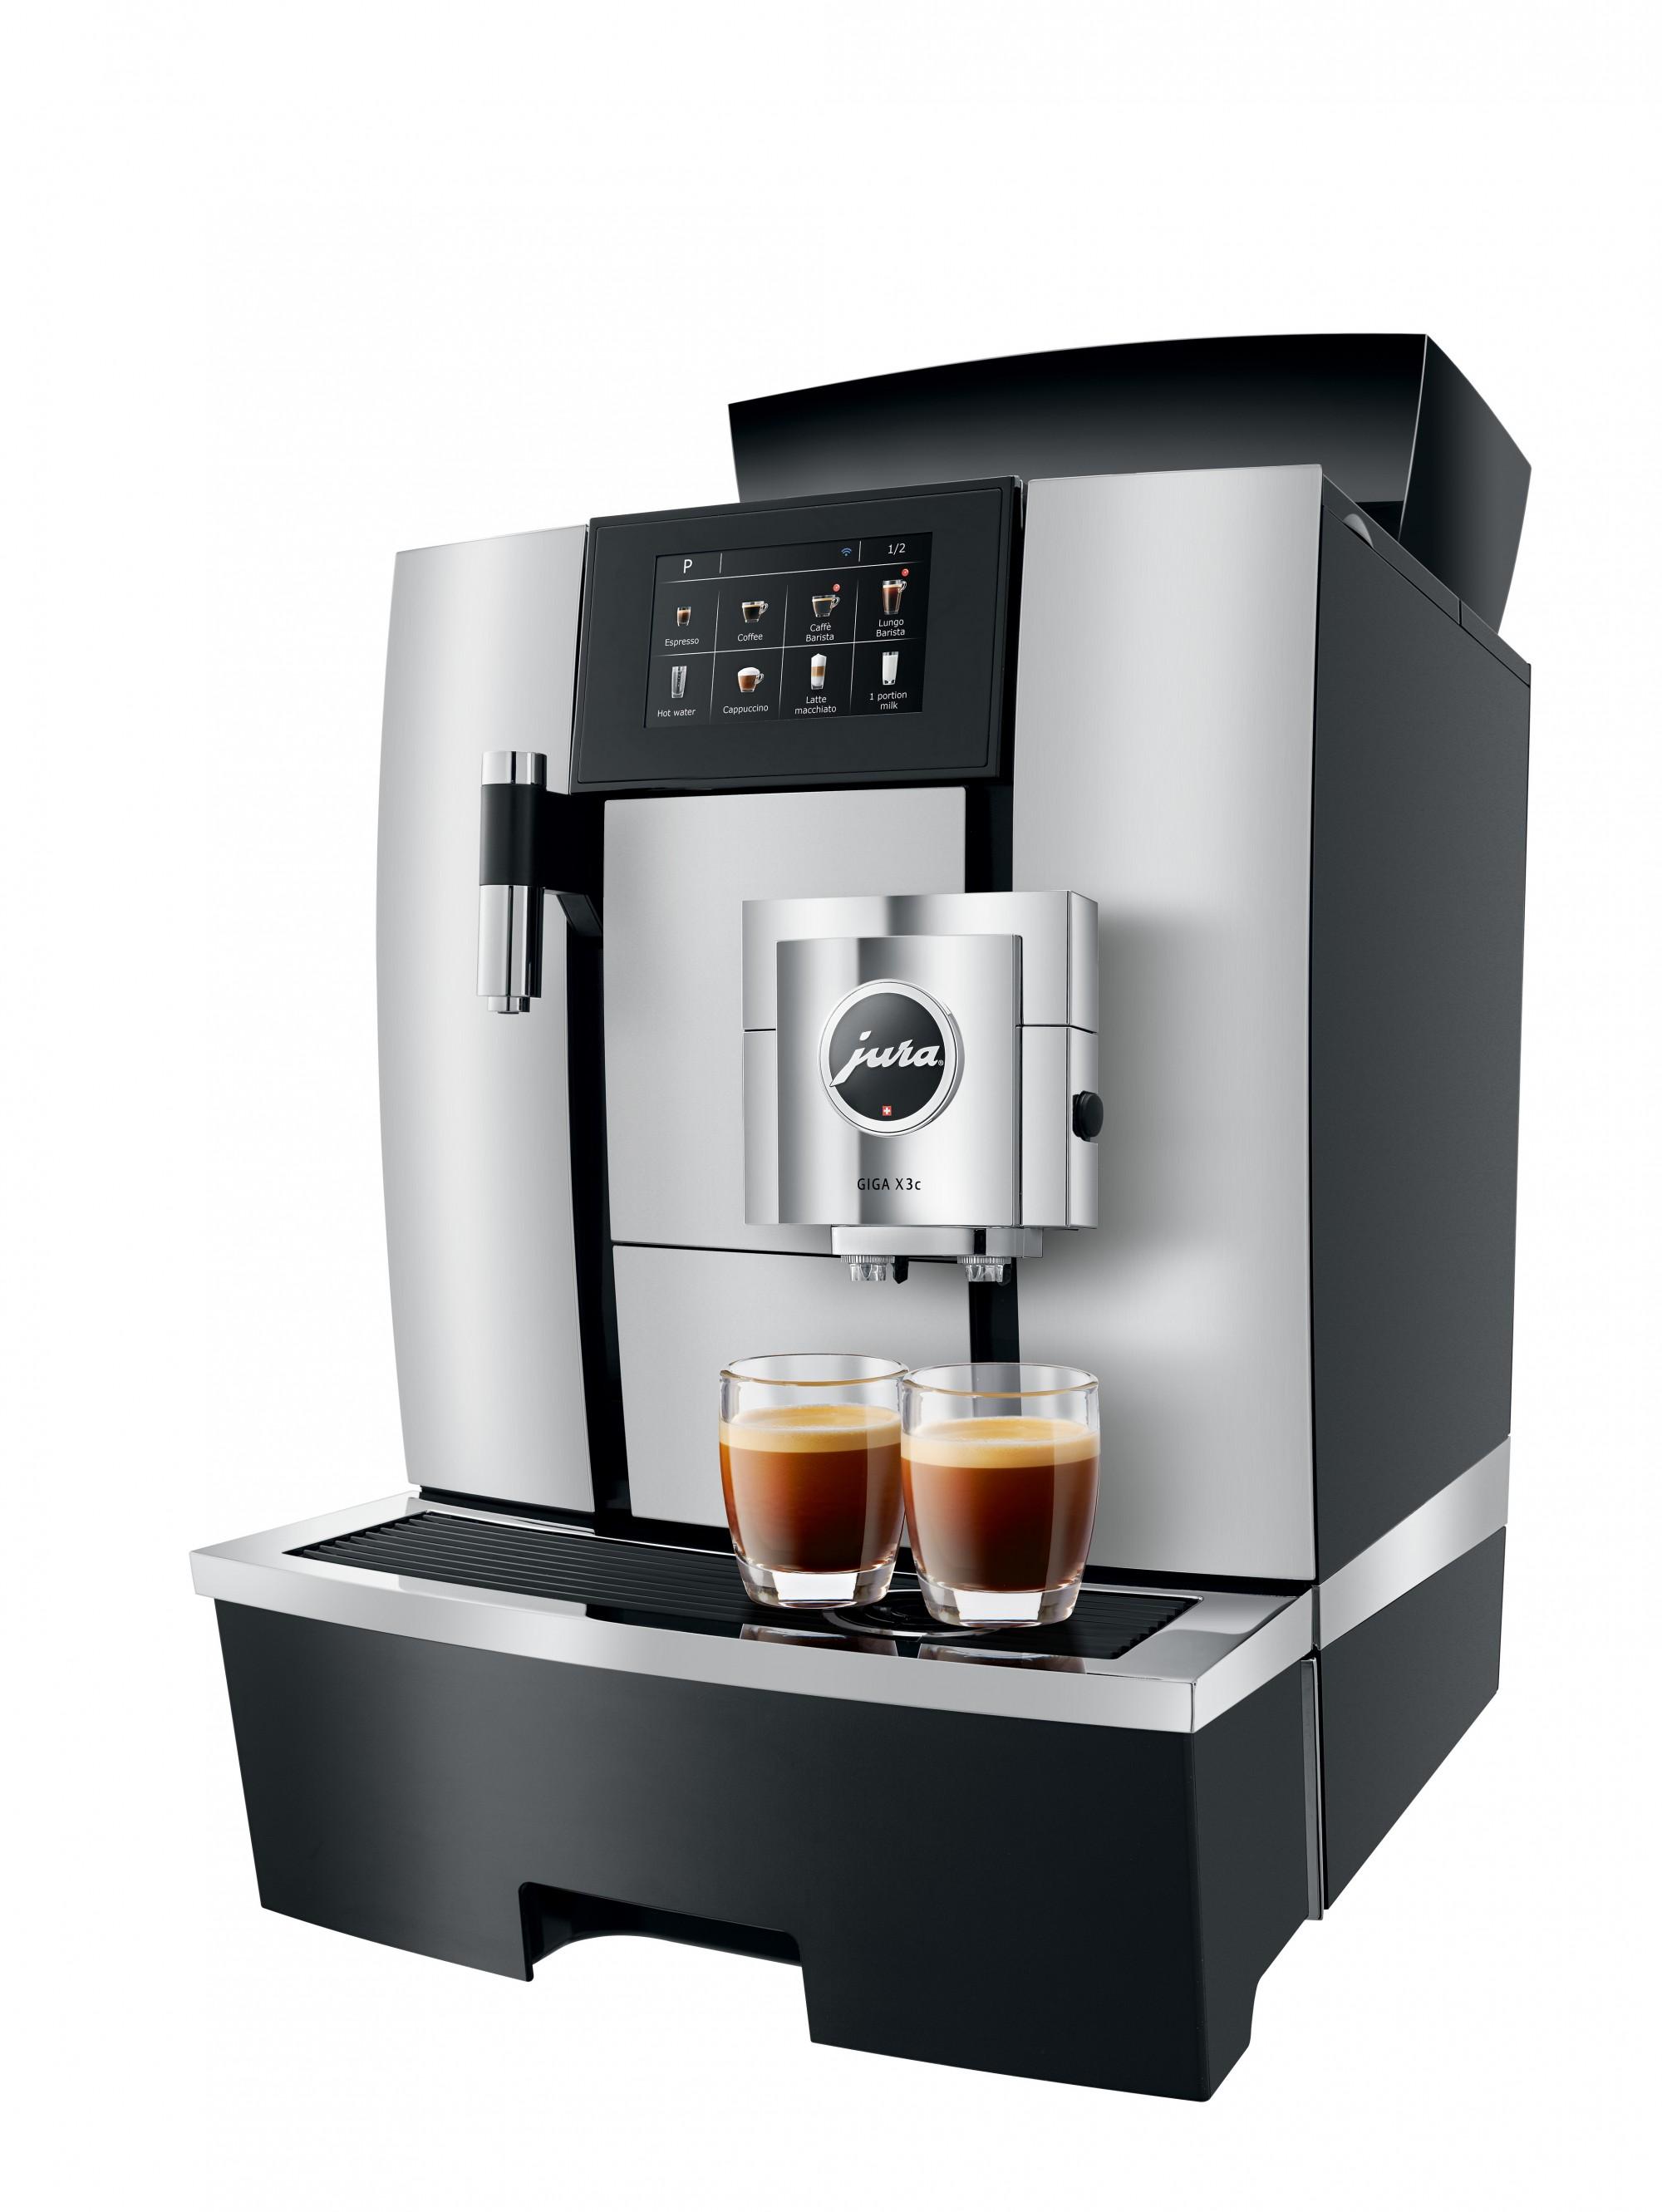 De keramische maalschijven zorgen voor een optimale koffiesmaak